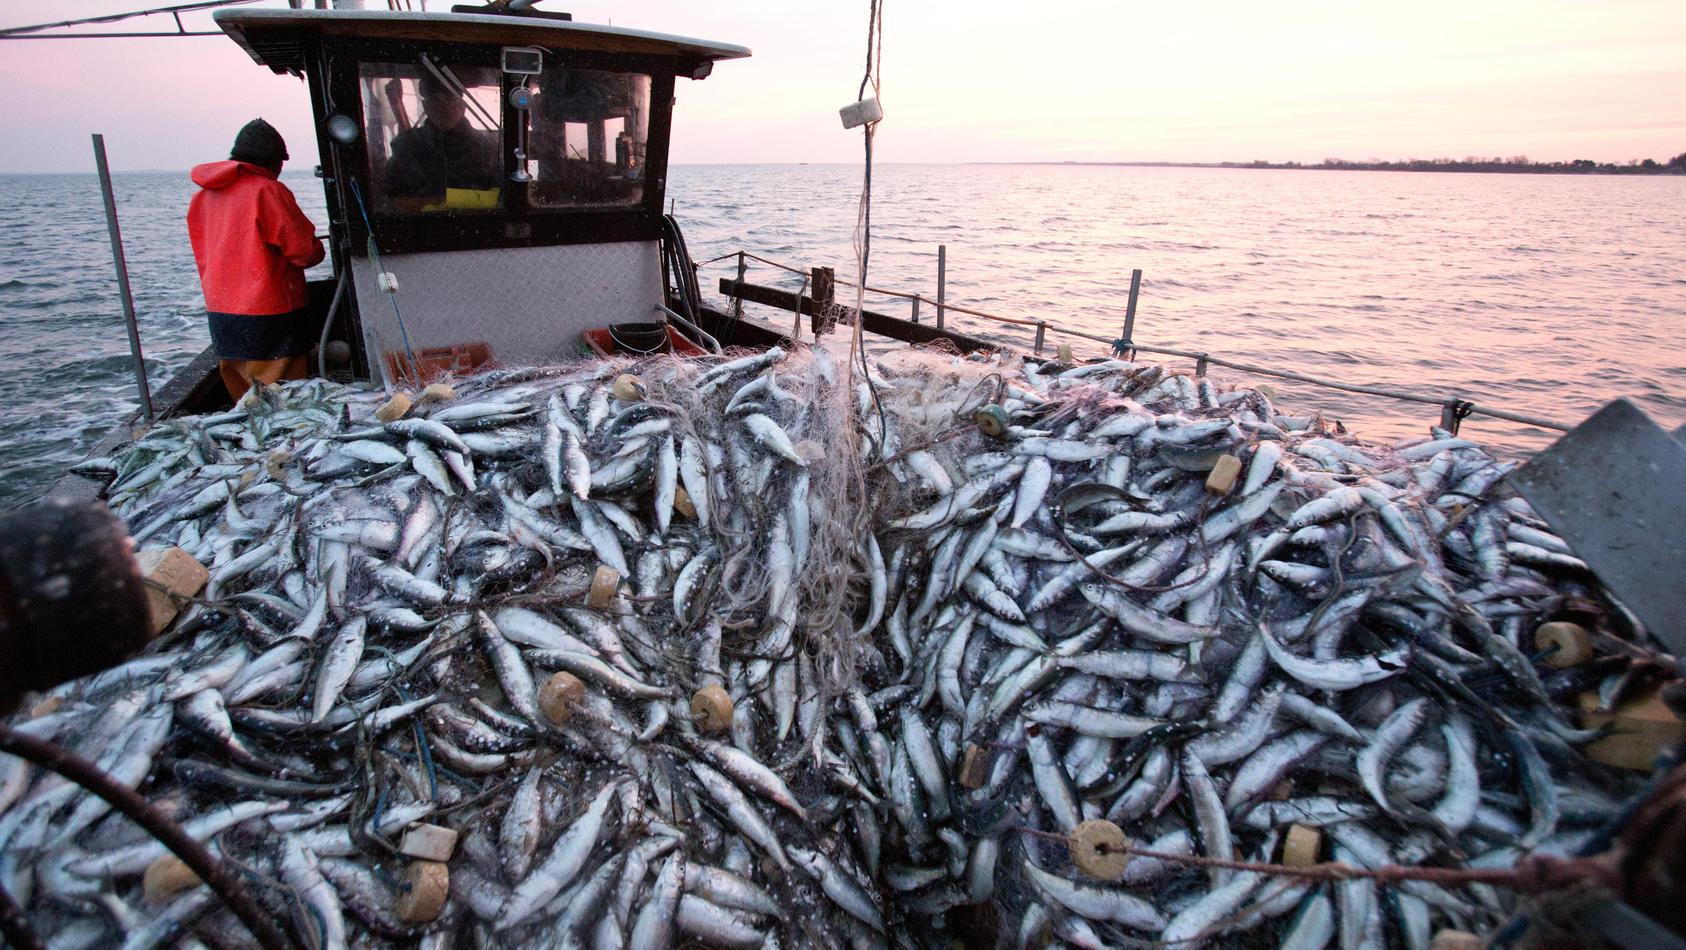 Die Quote für den Fang von Heringen in der Ostsee wird im nächsten Jahr halbiert.